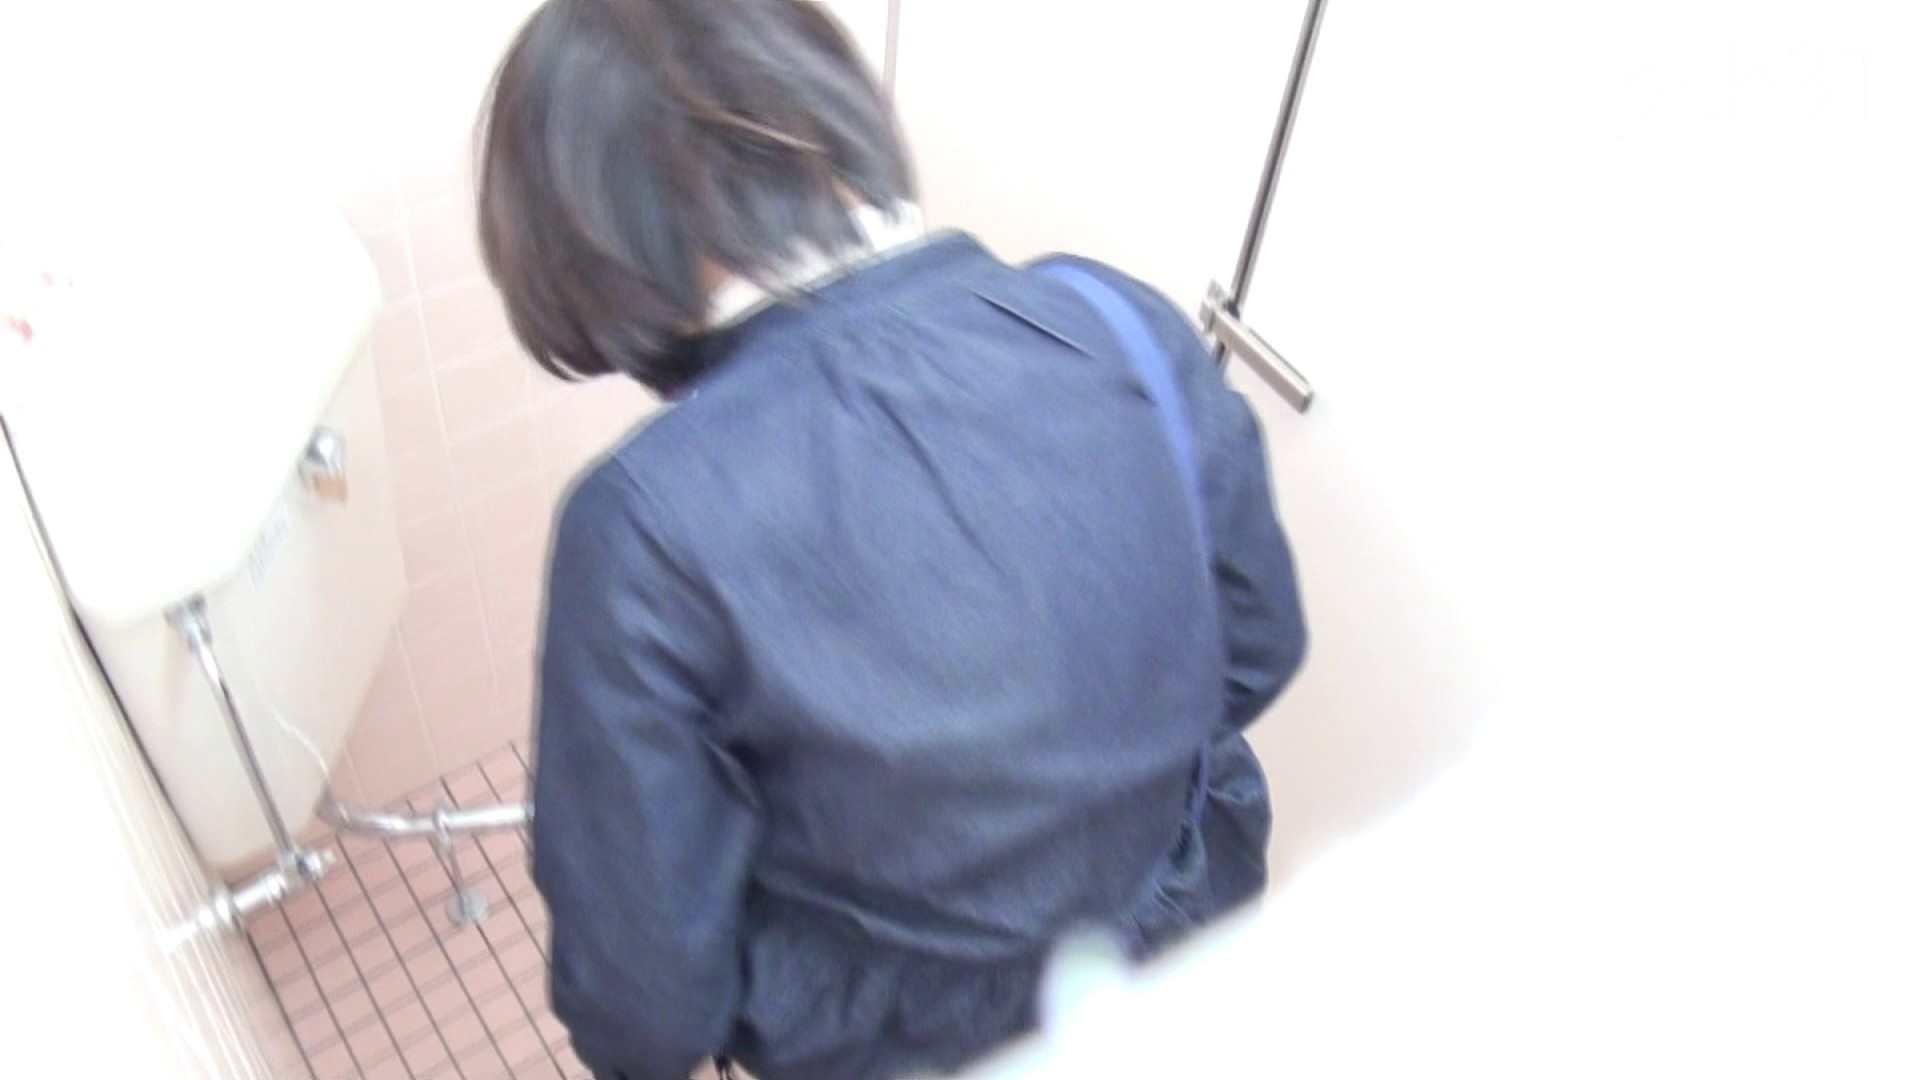 ▲復活限定▲ハイビジョン 盗神伝 Vol.31 OLハメ撮り  46Pix 45